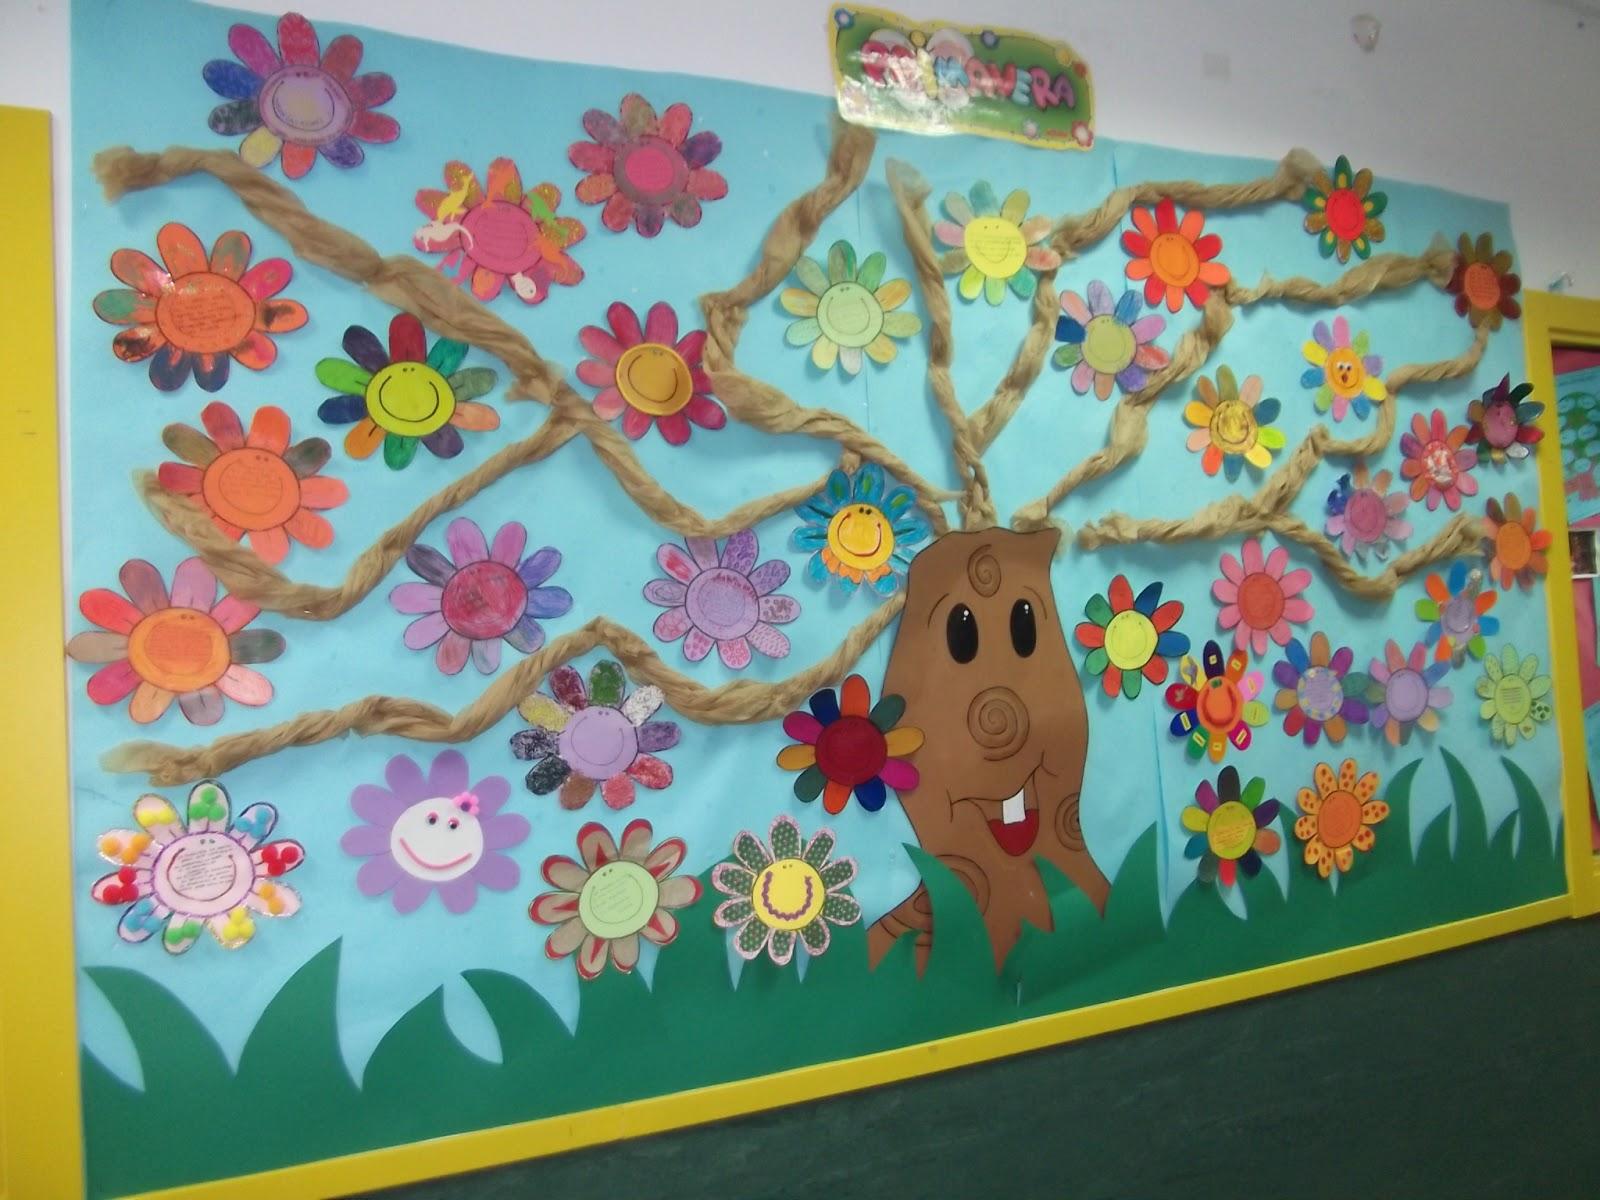 El blog de dora adornando nuestra escuela for Decoracion escuela